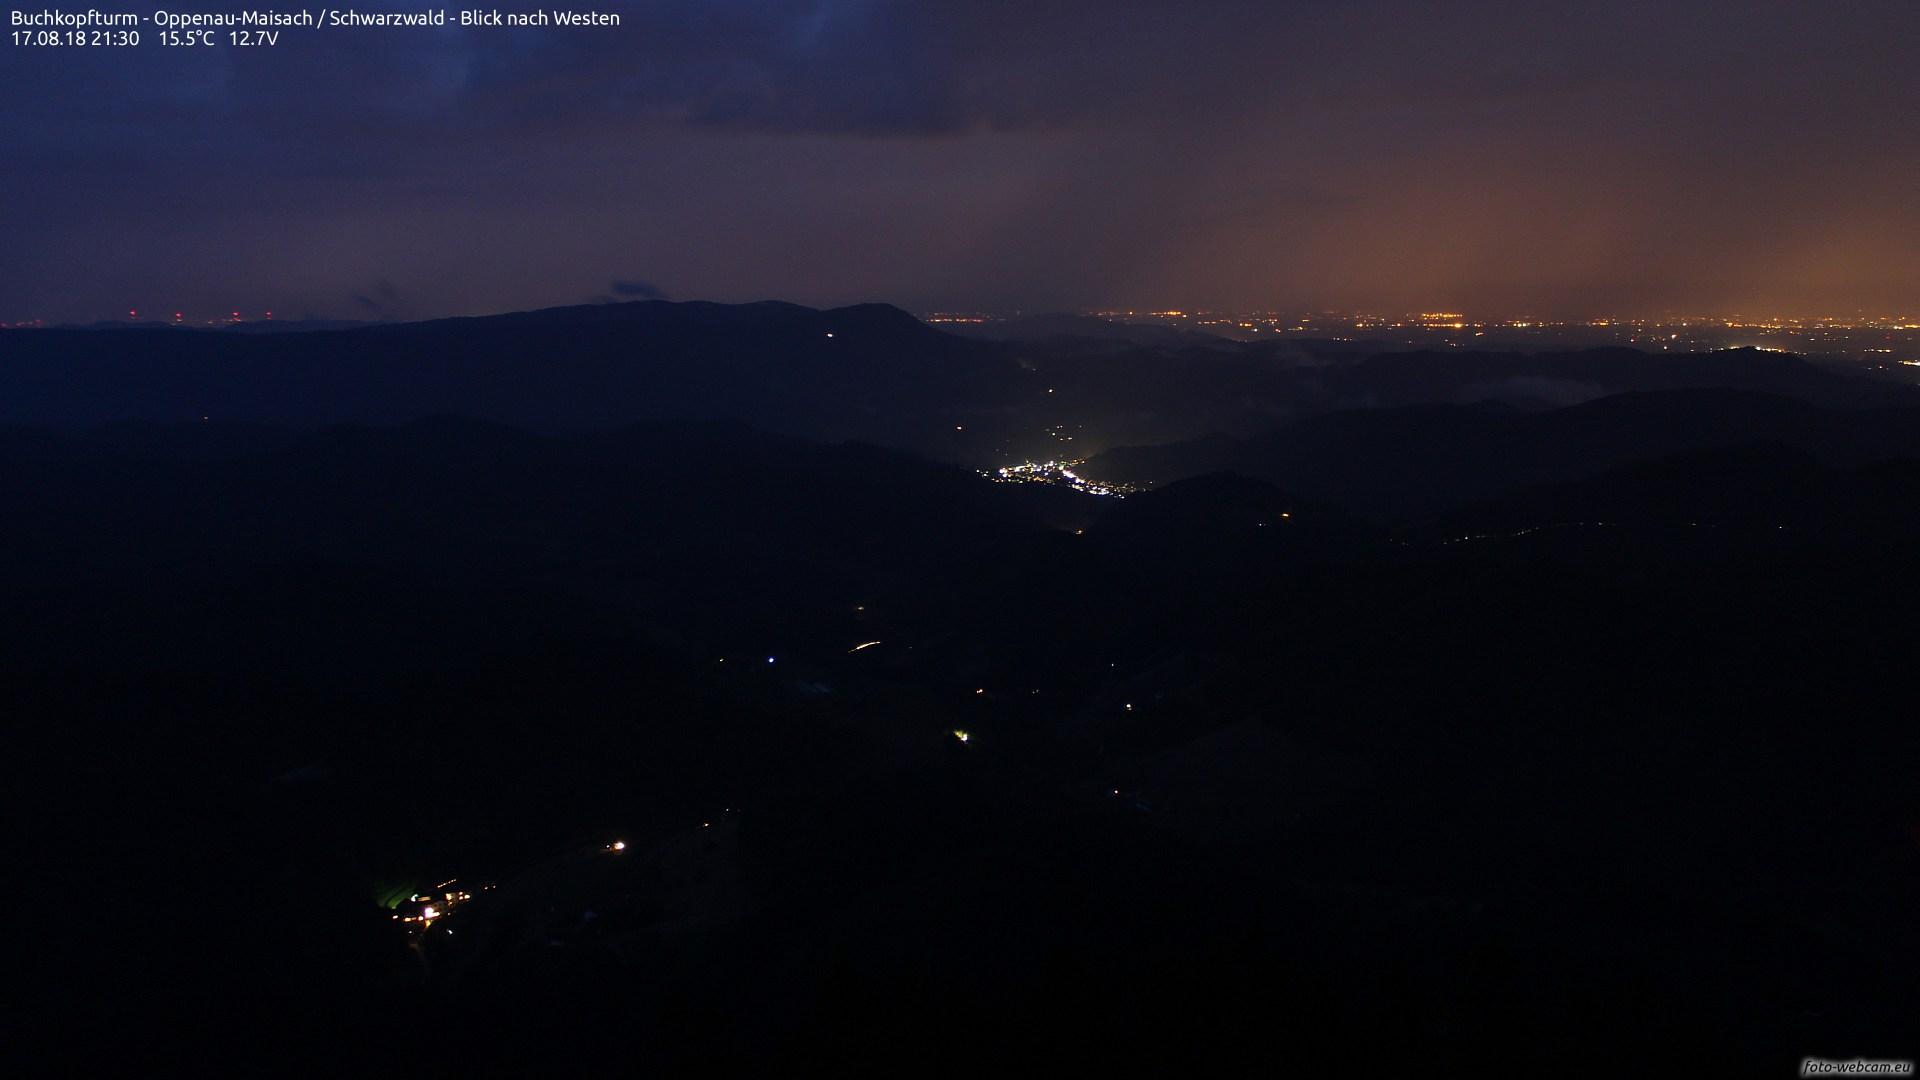 Aufnahme: Buchkopfturm vom 17.08.2018 21:30